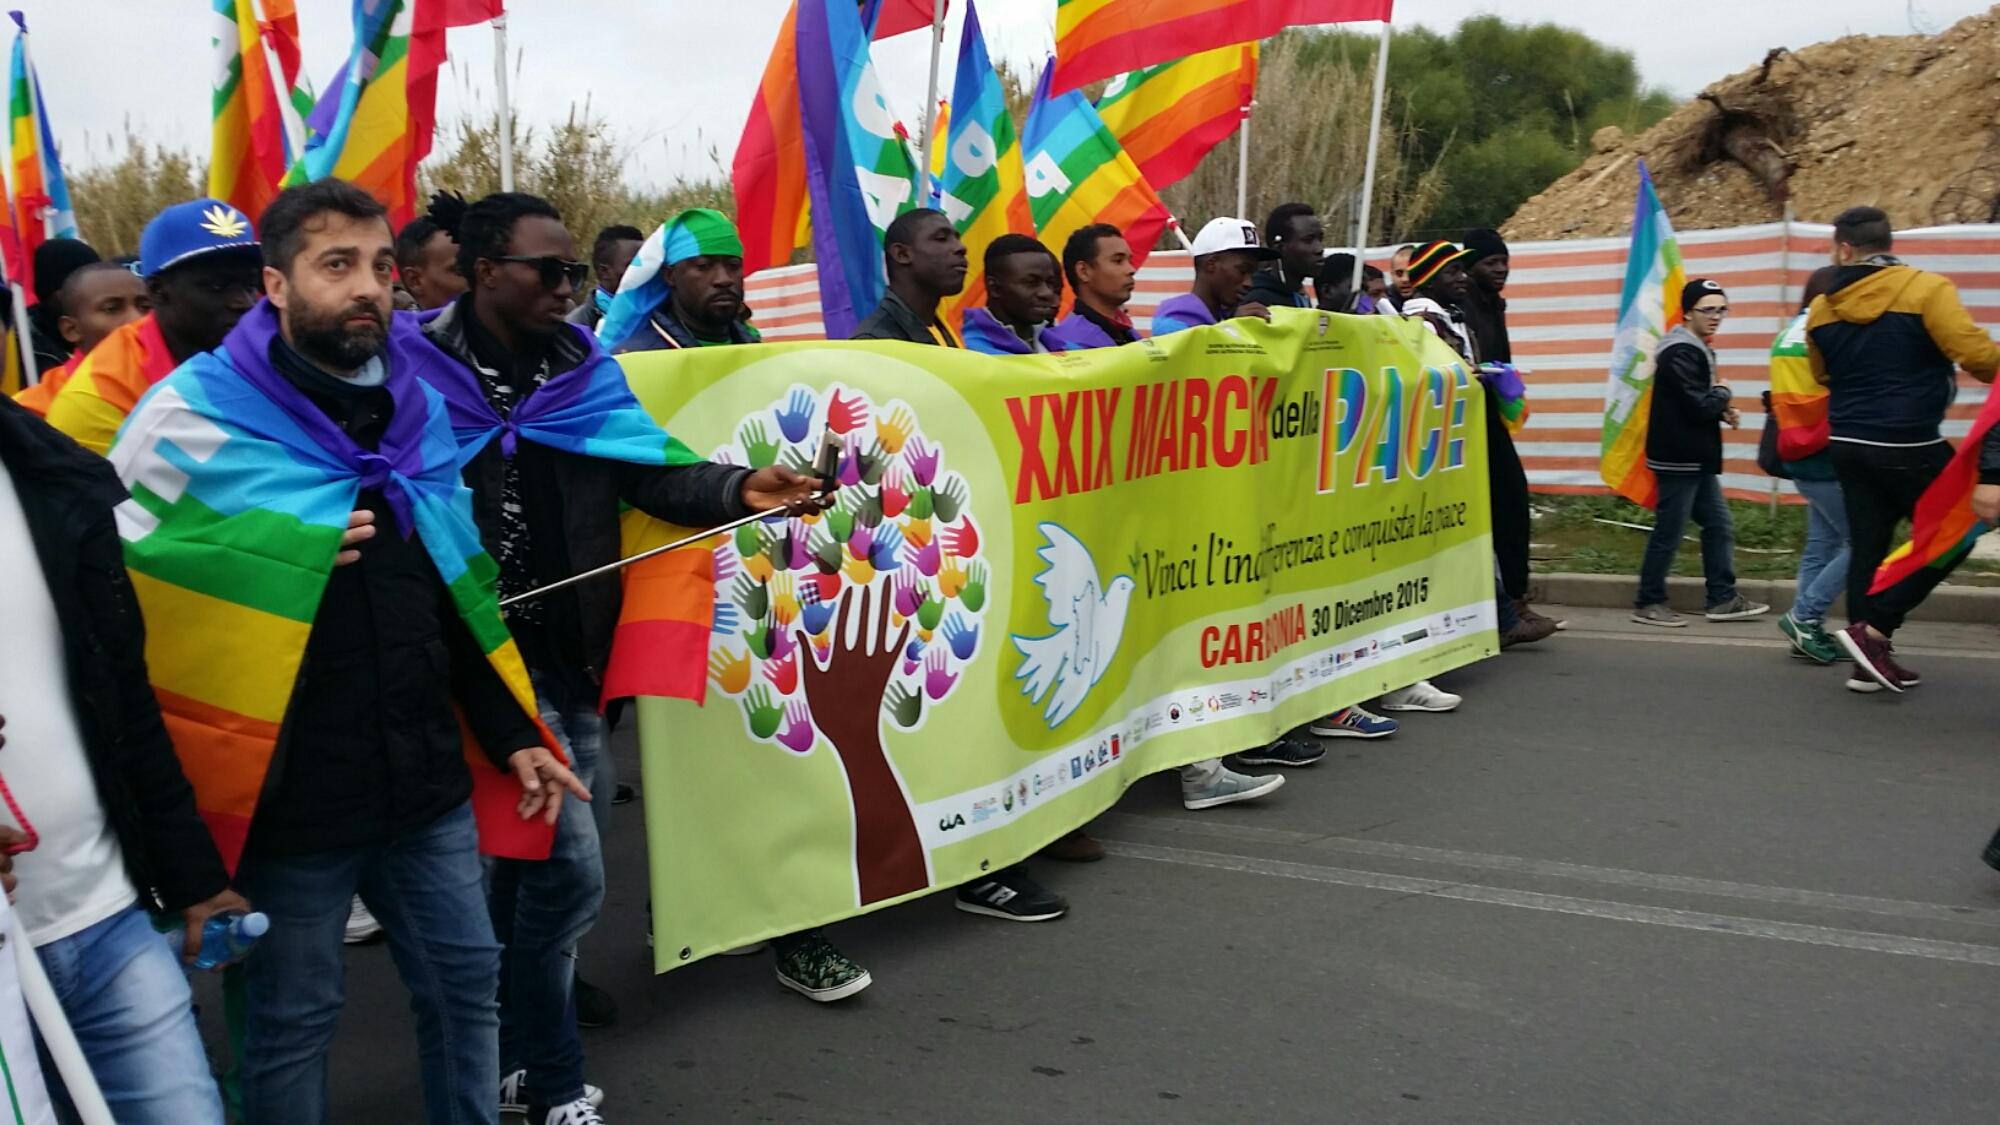 È iniziata a Carbonia la XXIX Marcia della Pace.